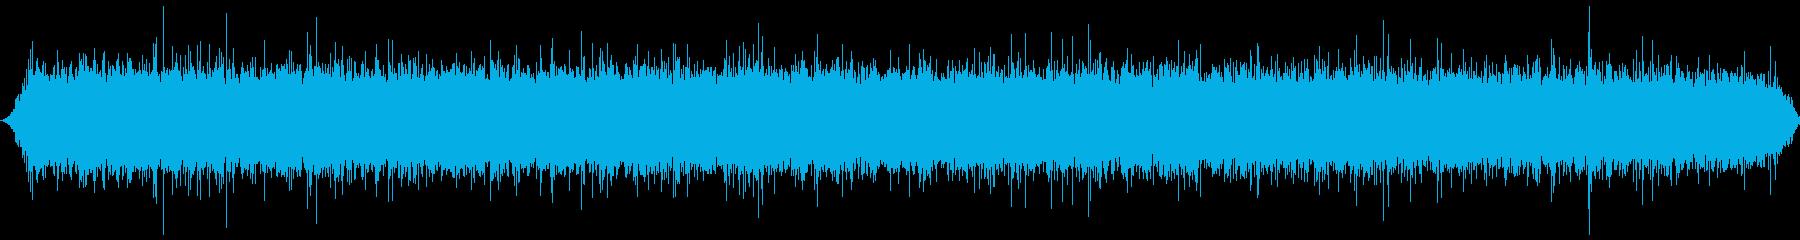 マウンテンストリーム:ヘビーフロー...の再生済みの波形